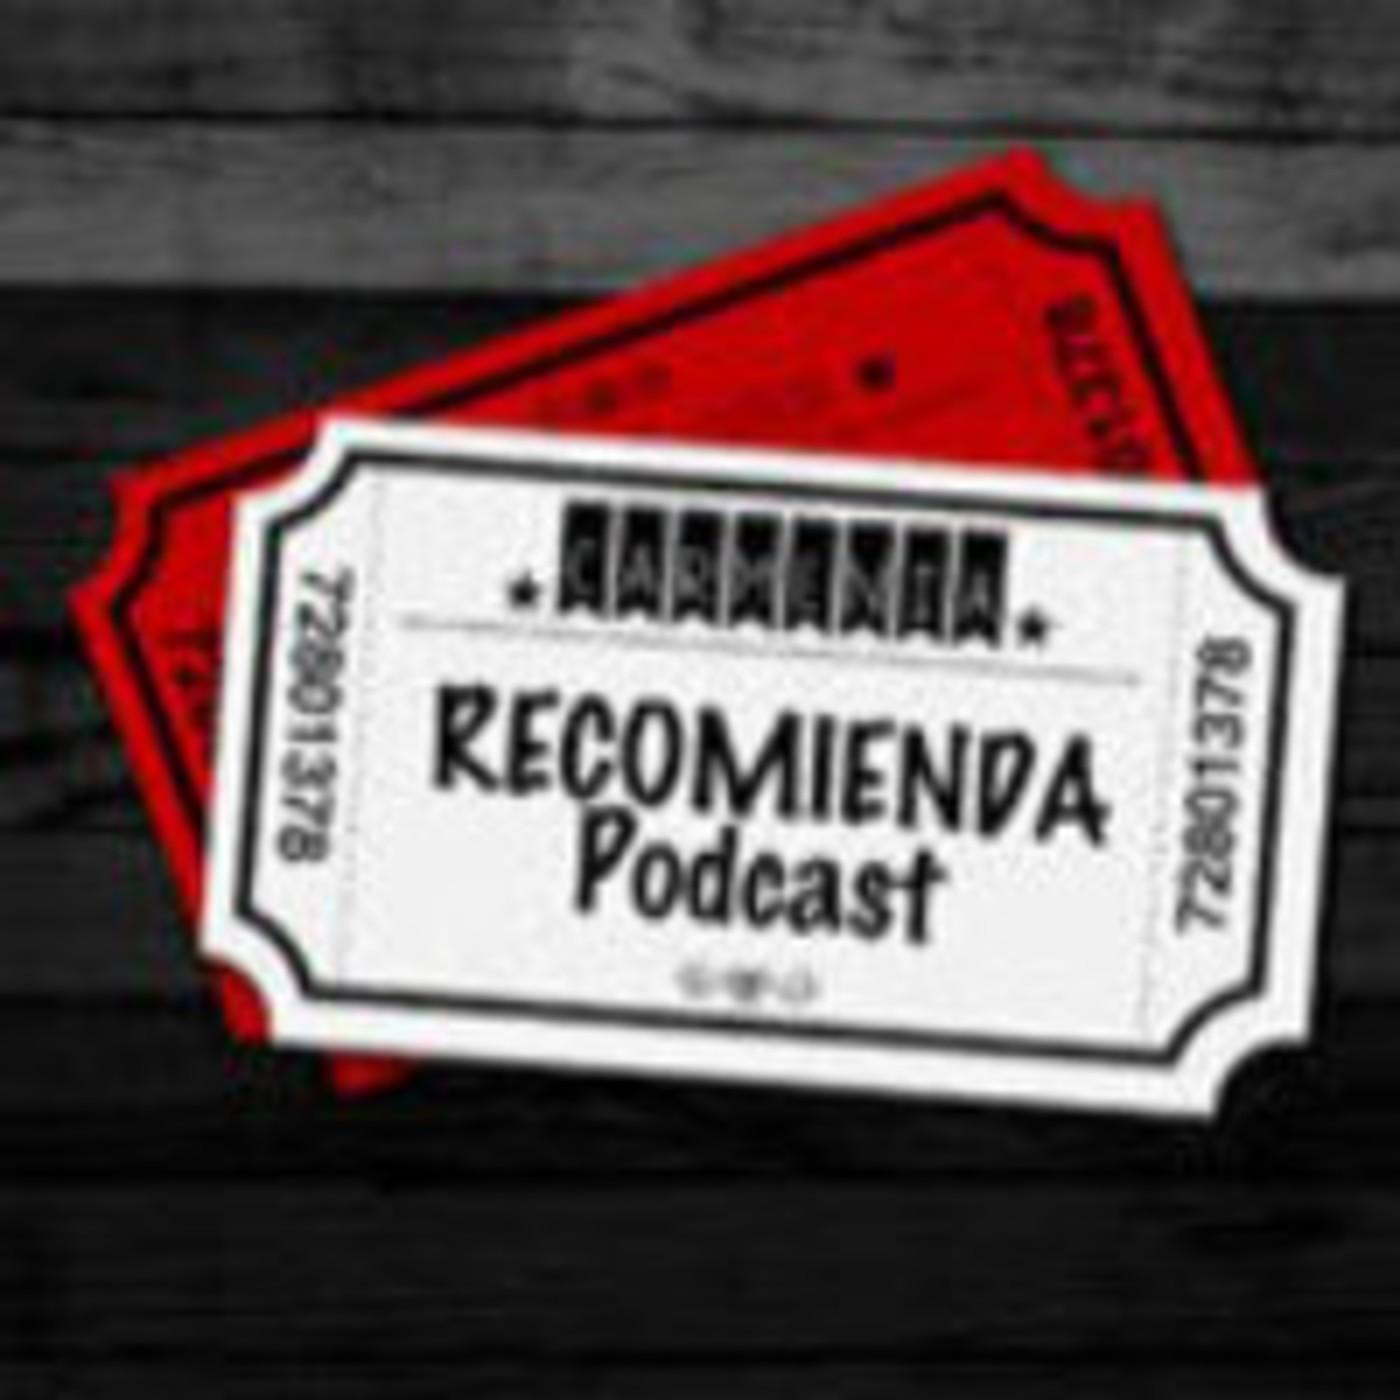 Recomienda Podcast - 1x01 Círculo de bellas artes